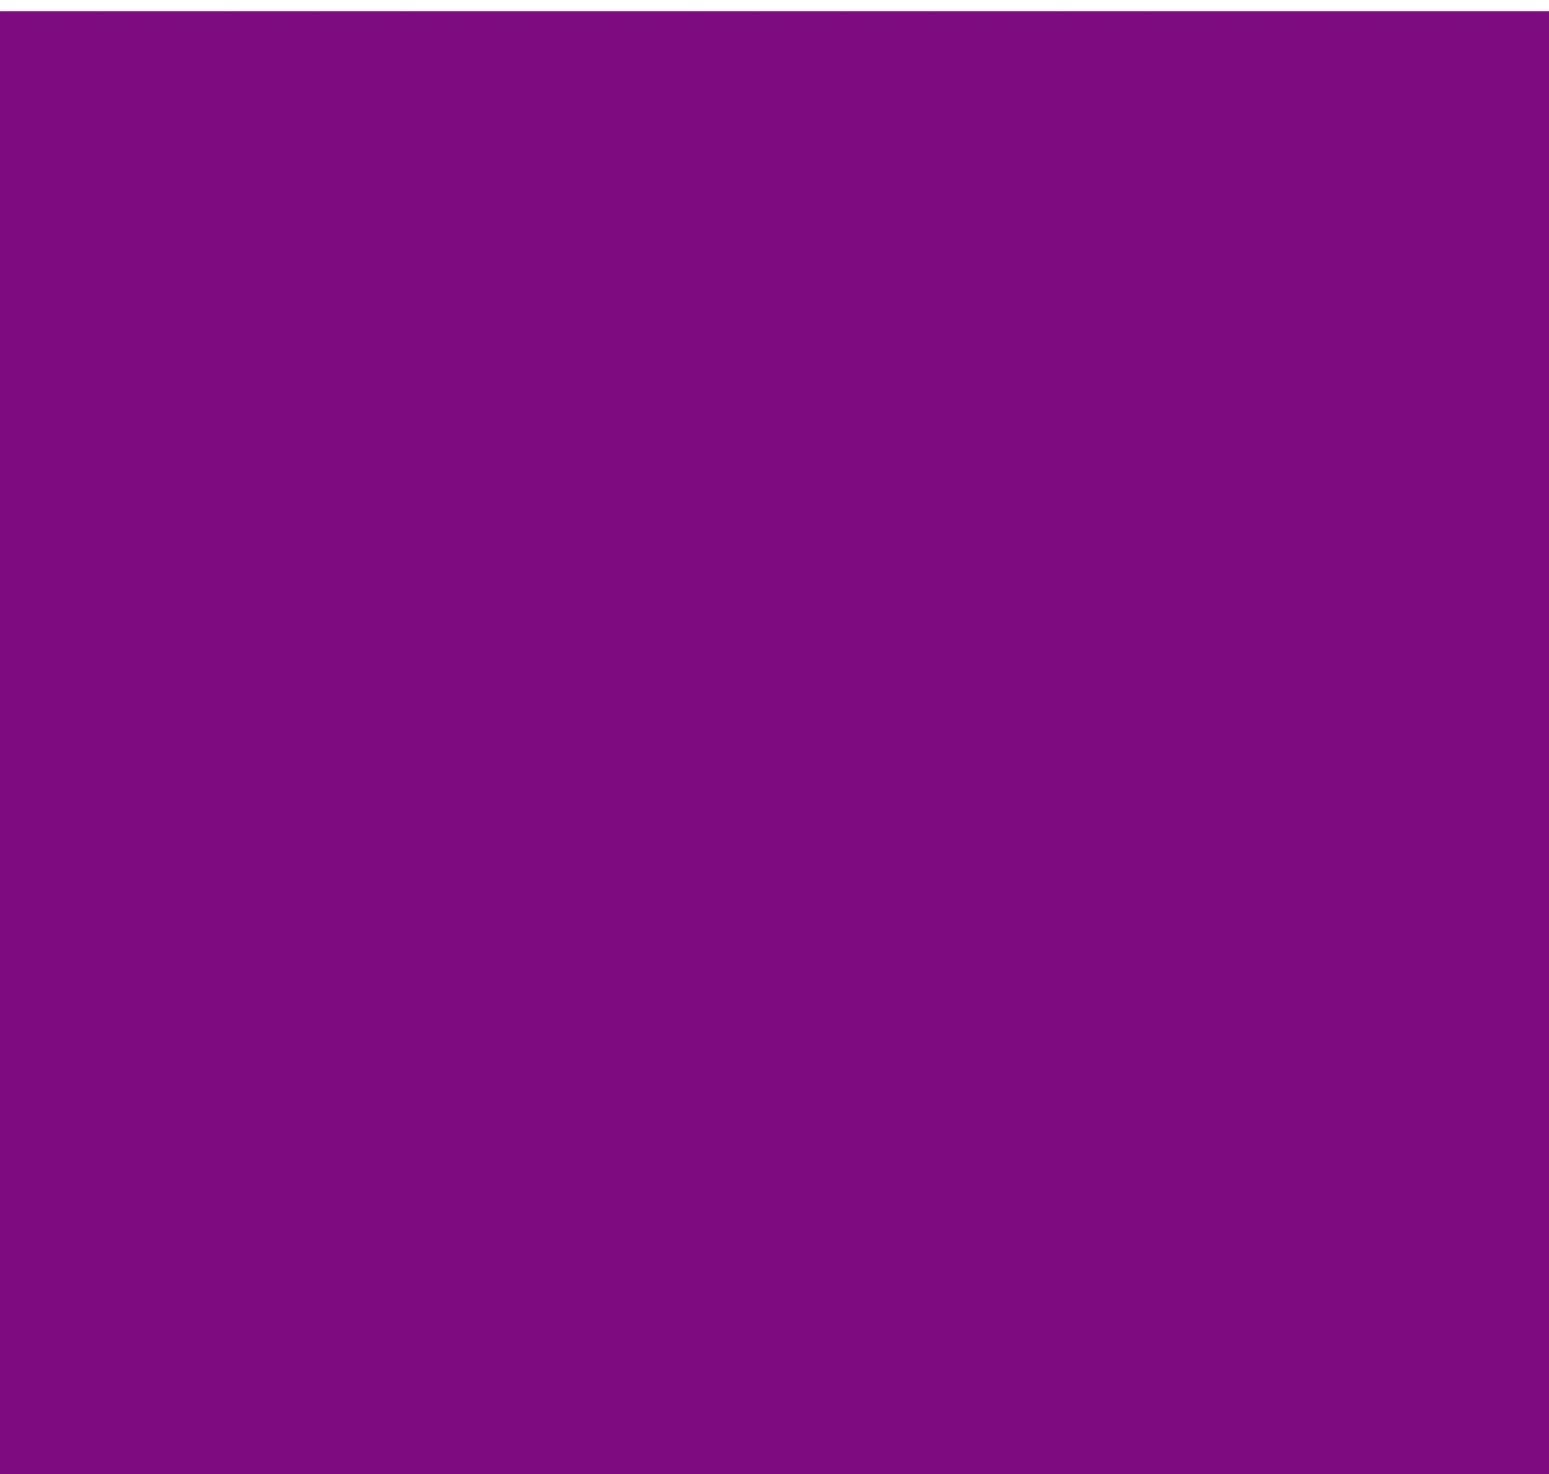 Square clipart light purple Color Background Light > Imgur